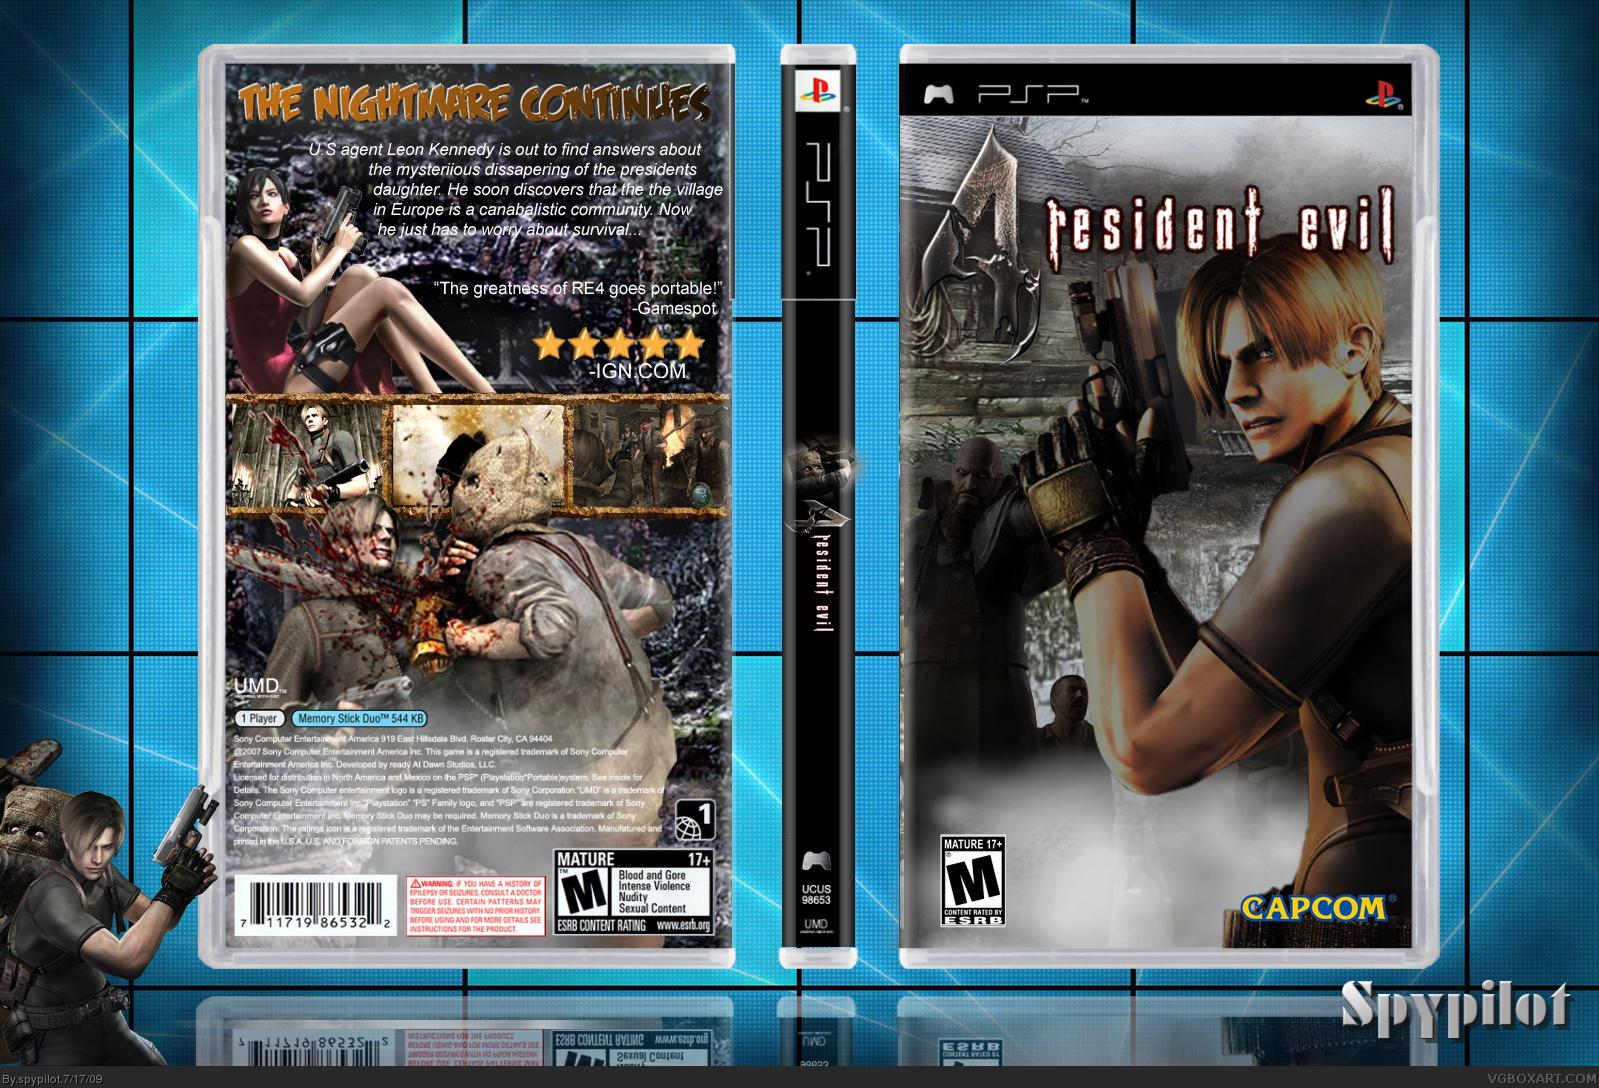 Resident Evil 4 PSP Box Art Cover by spypilot